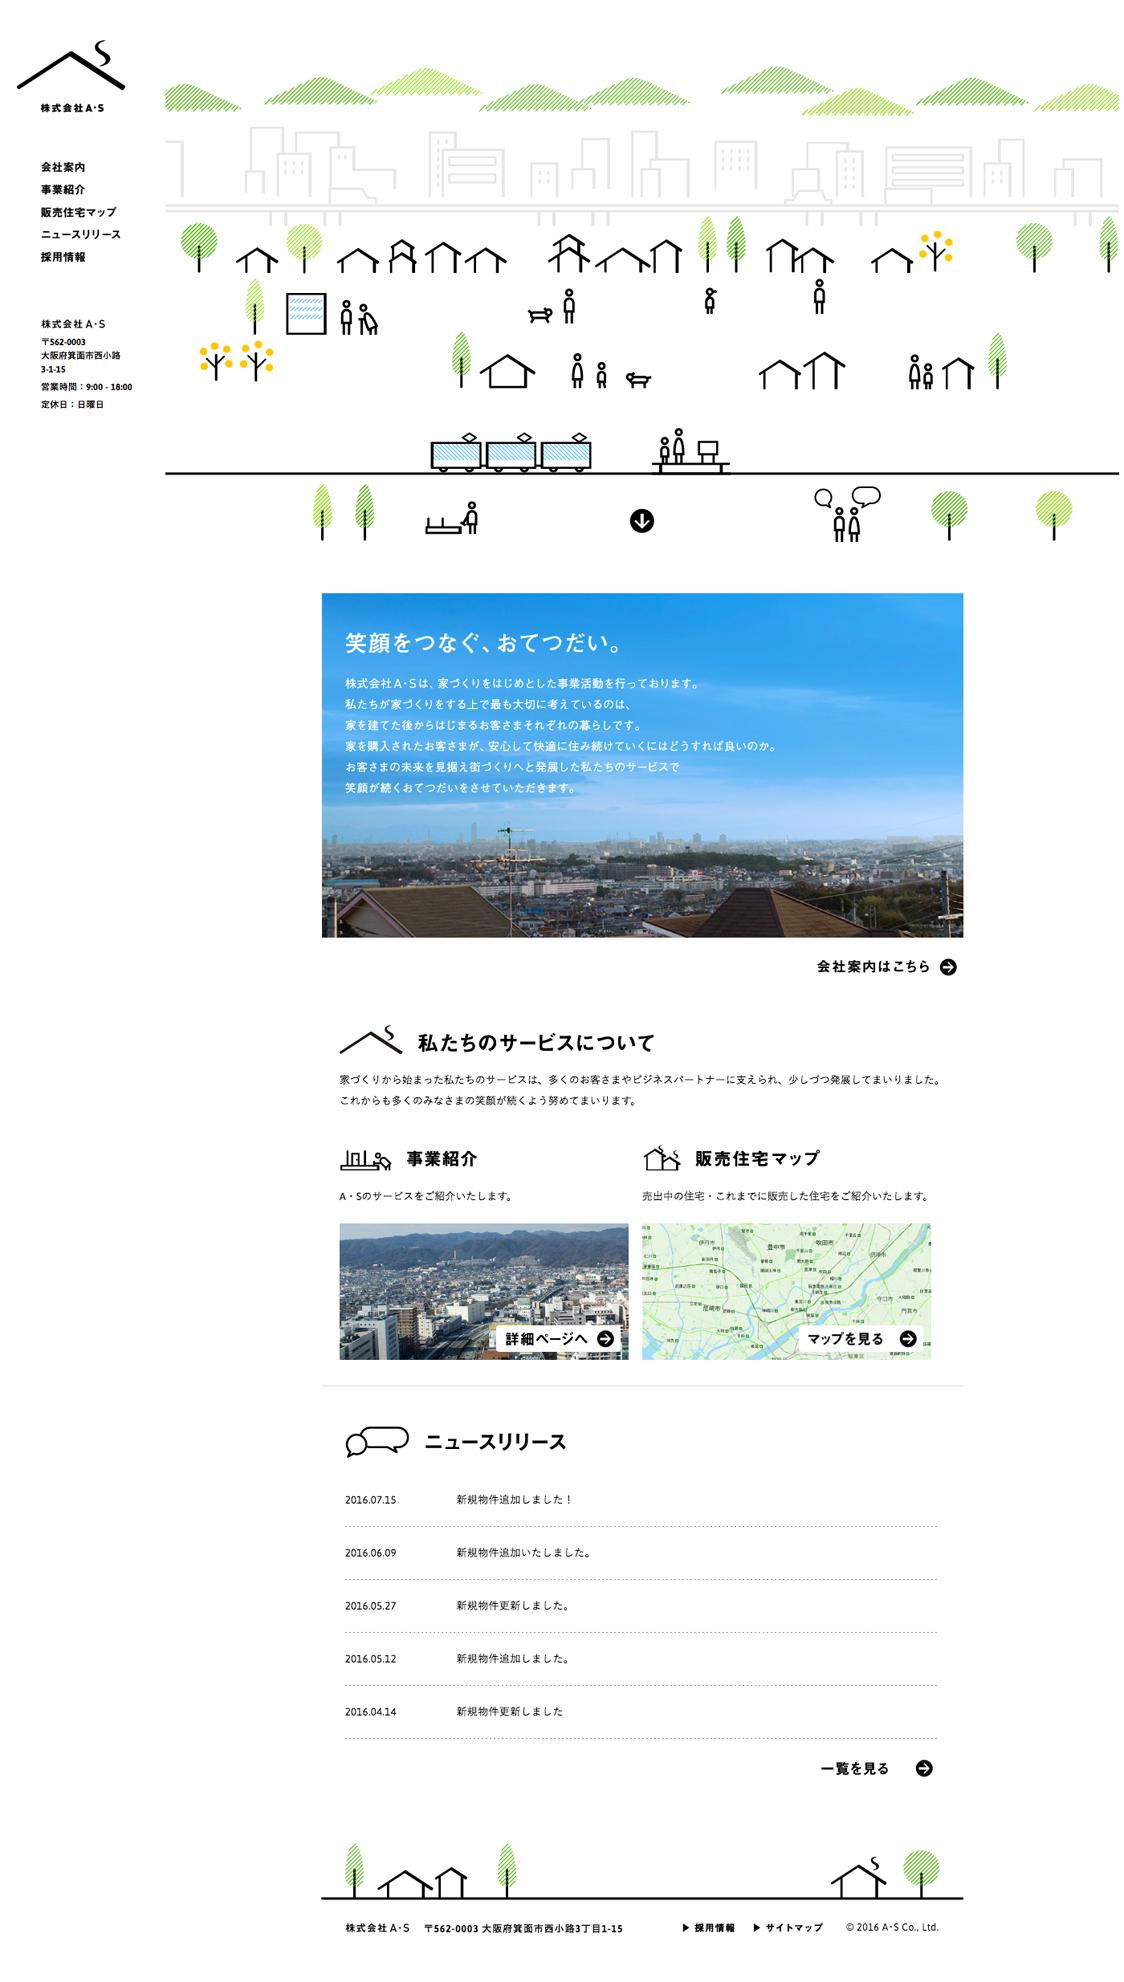 株式会社A・S コーポレートサイト PC版